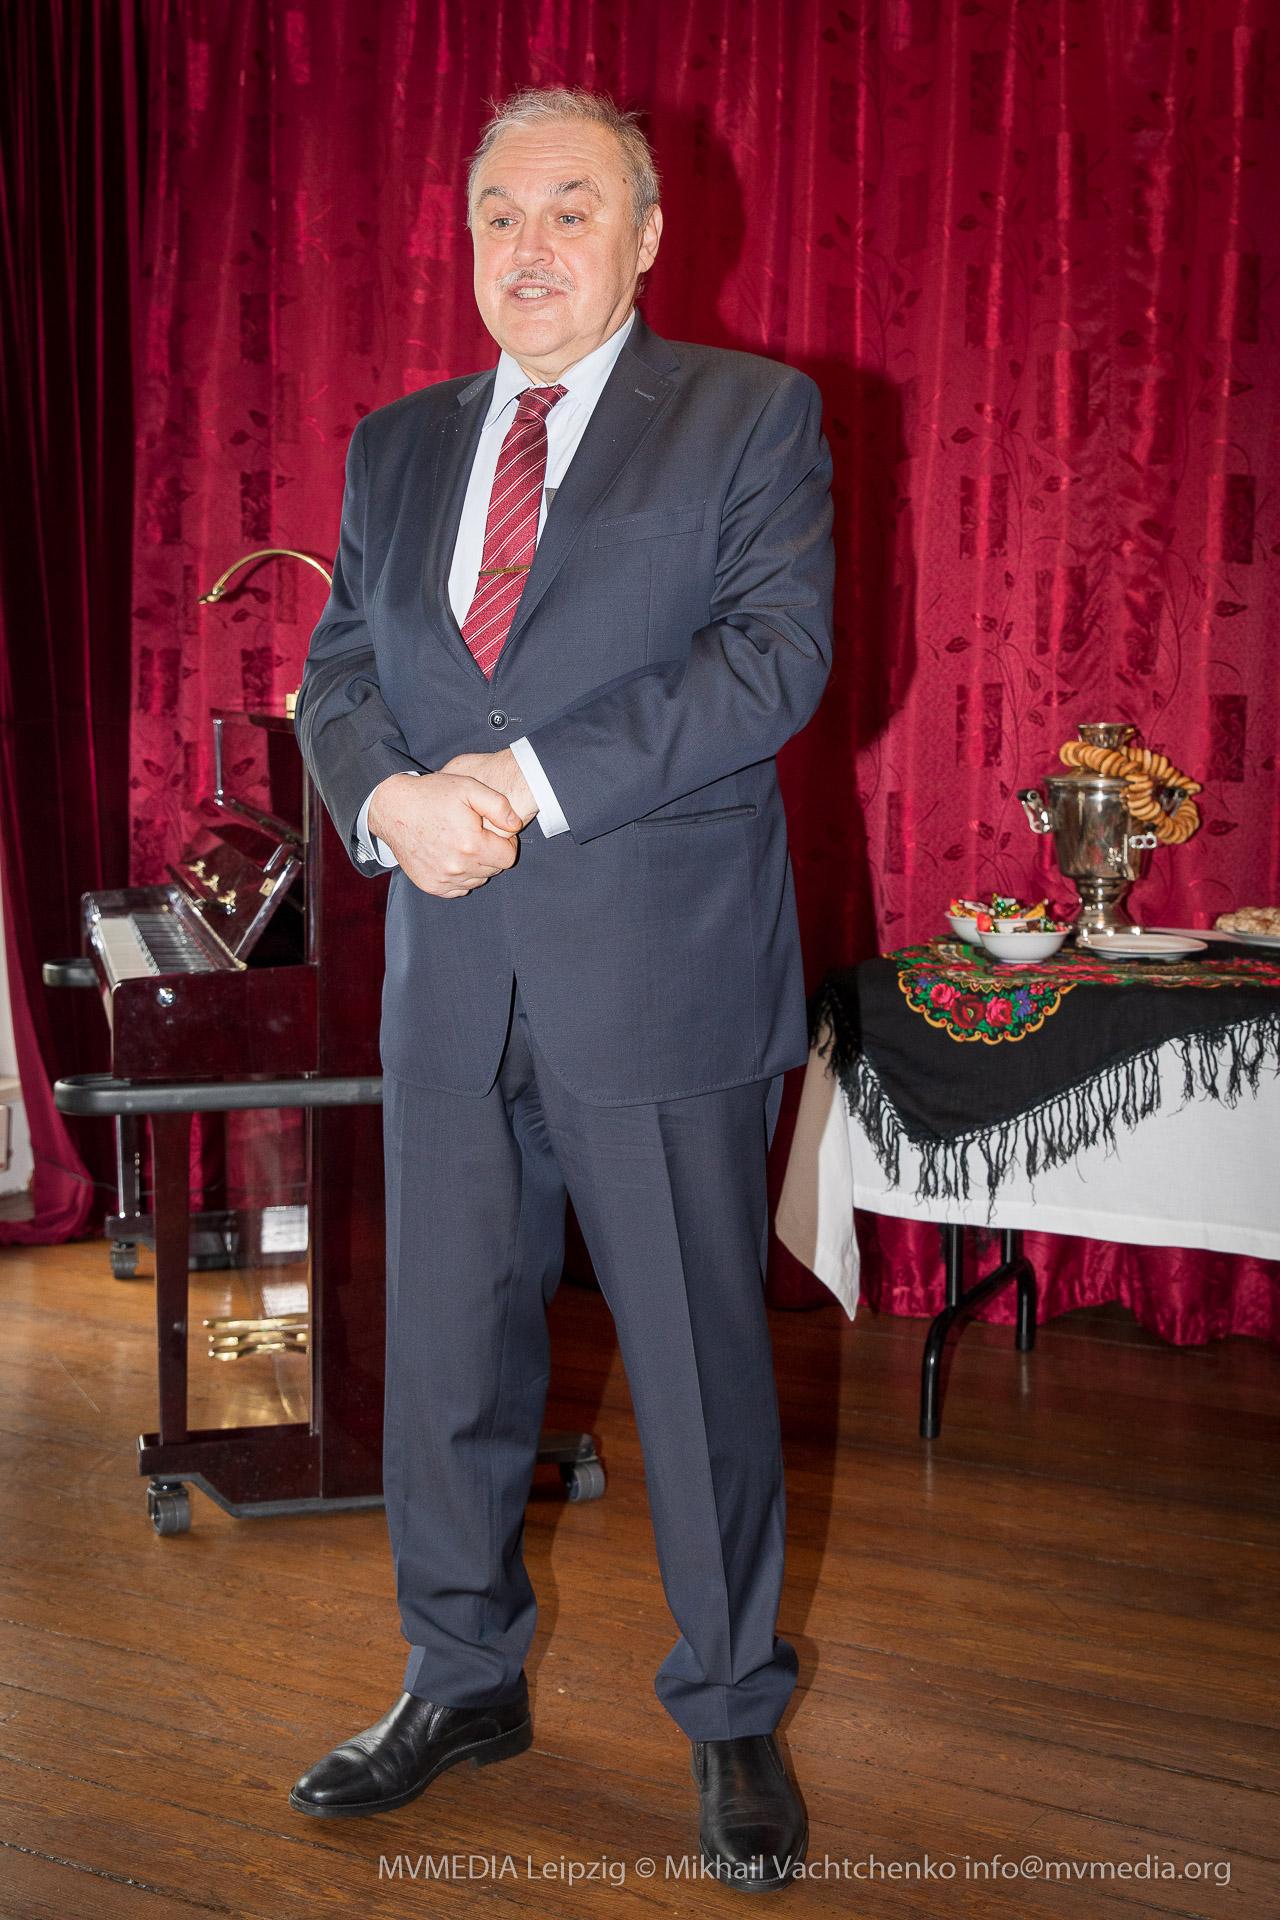 Г-н Генеральный консул РФ А.Ю. Дронов. На открытии кабинета русского мира.